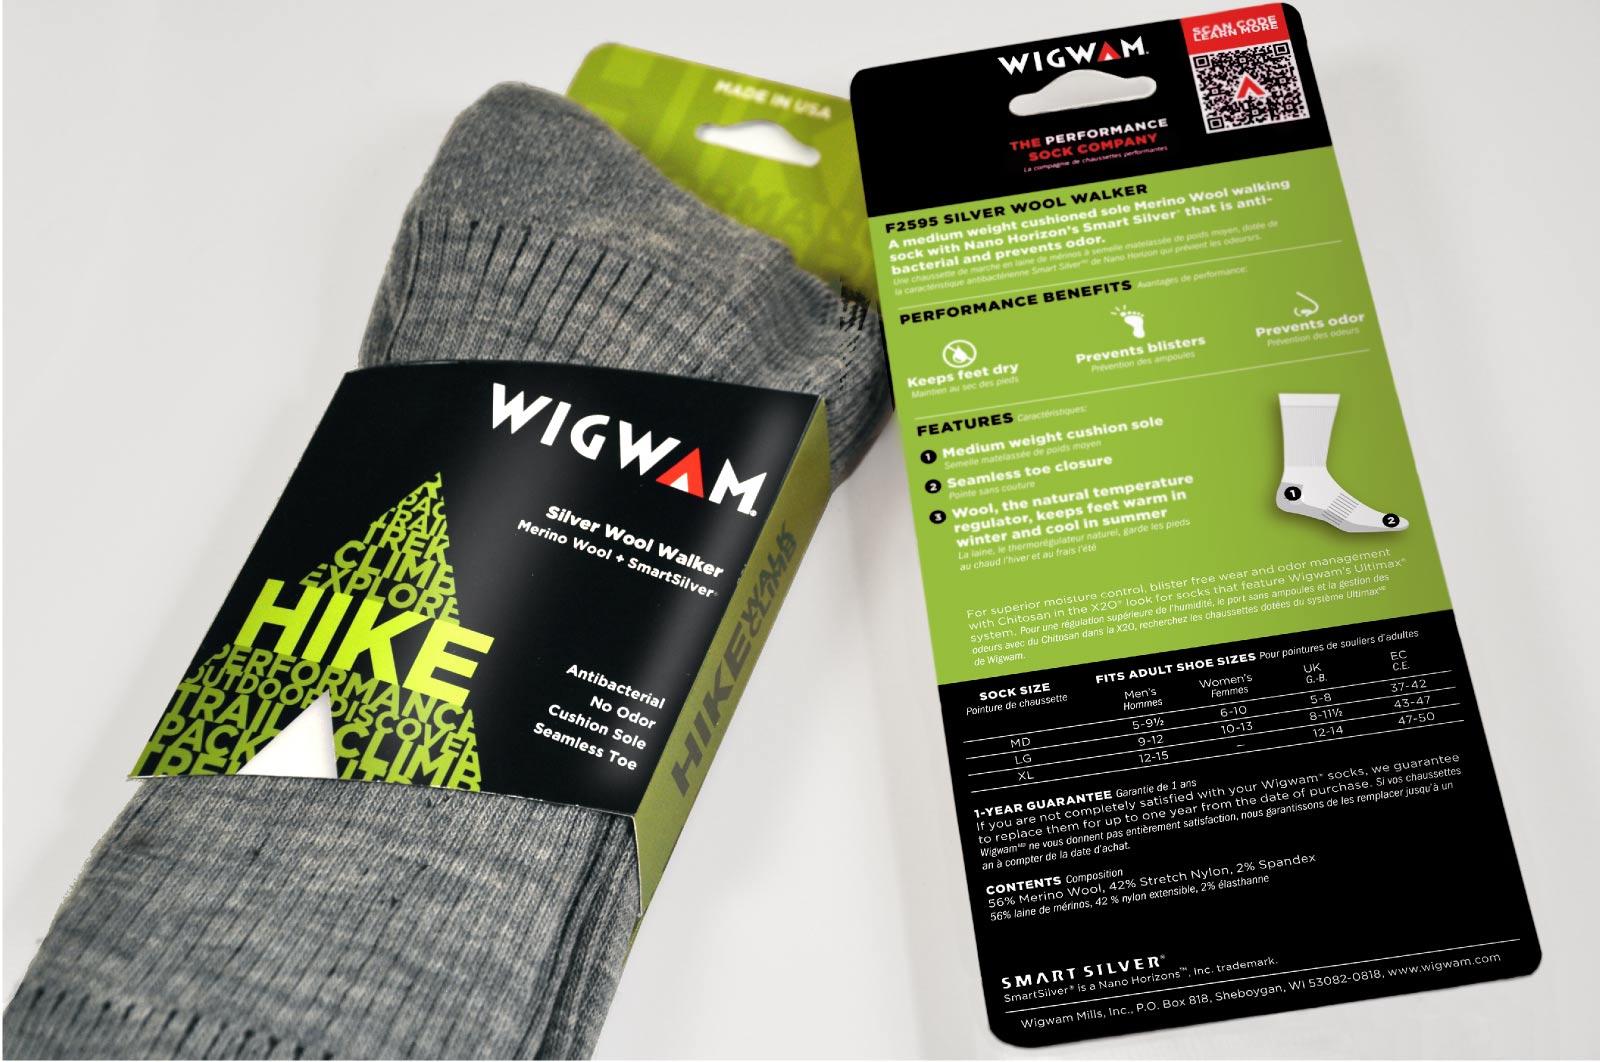 mslk-wigwam-packaging-2